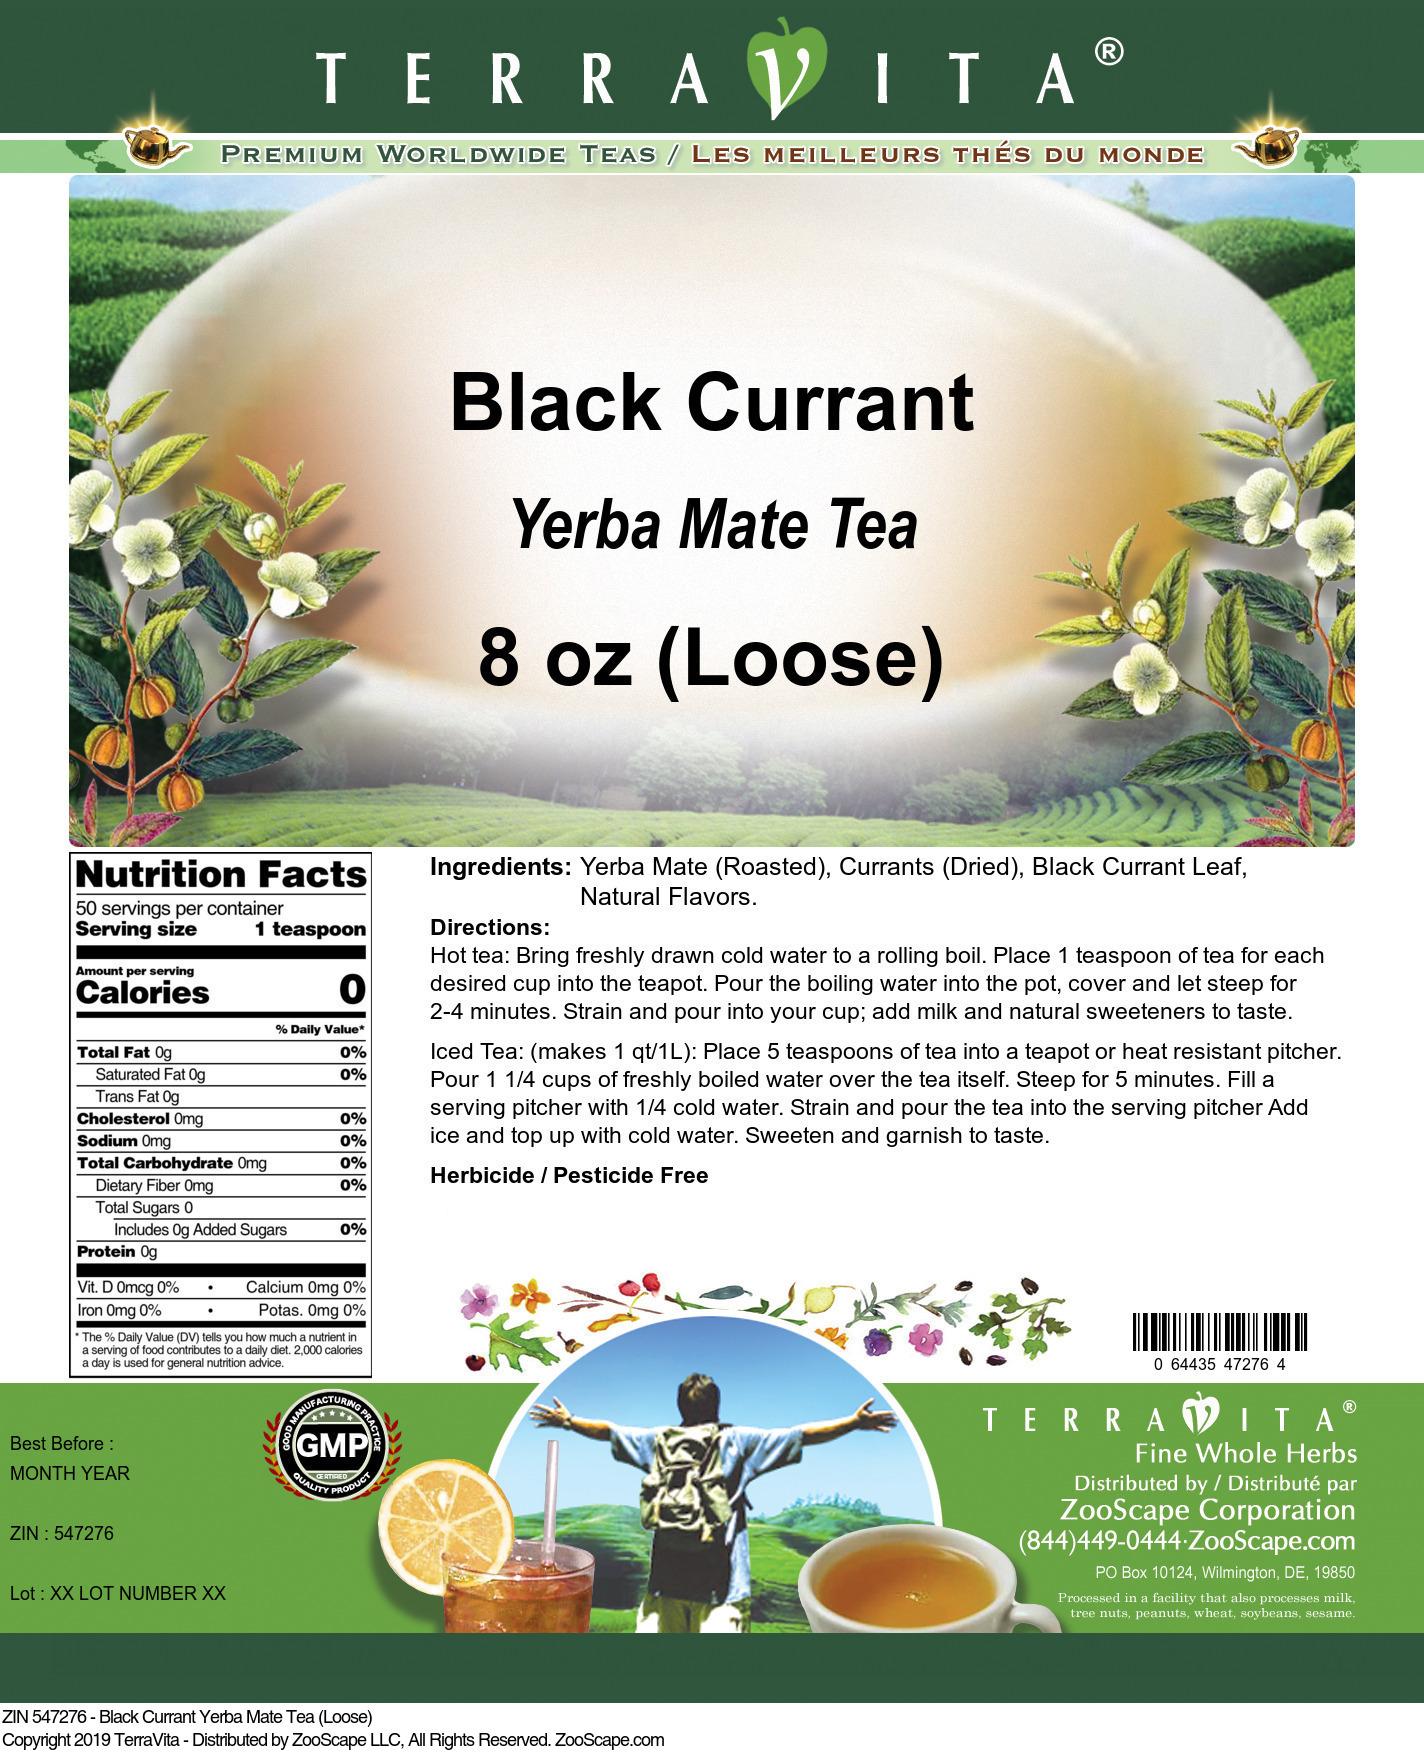 Black Currant Yerba Mate Tea (Loose)